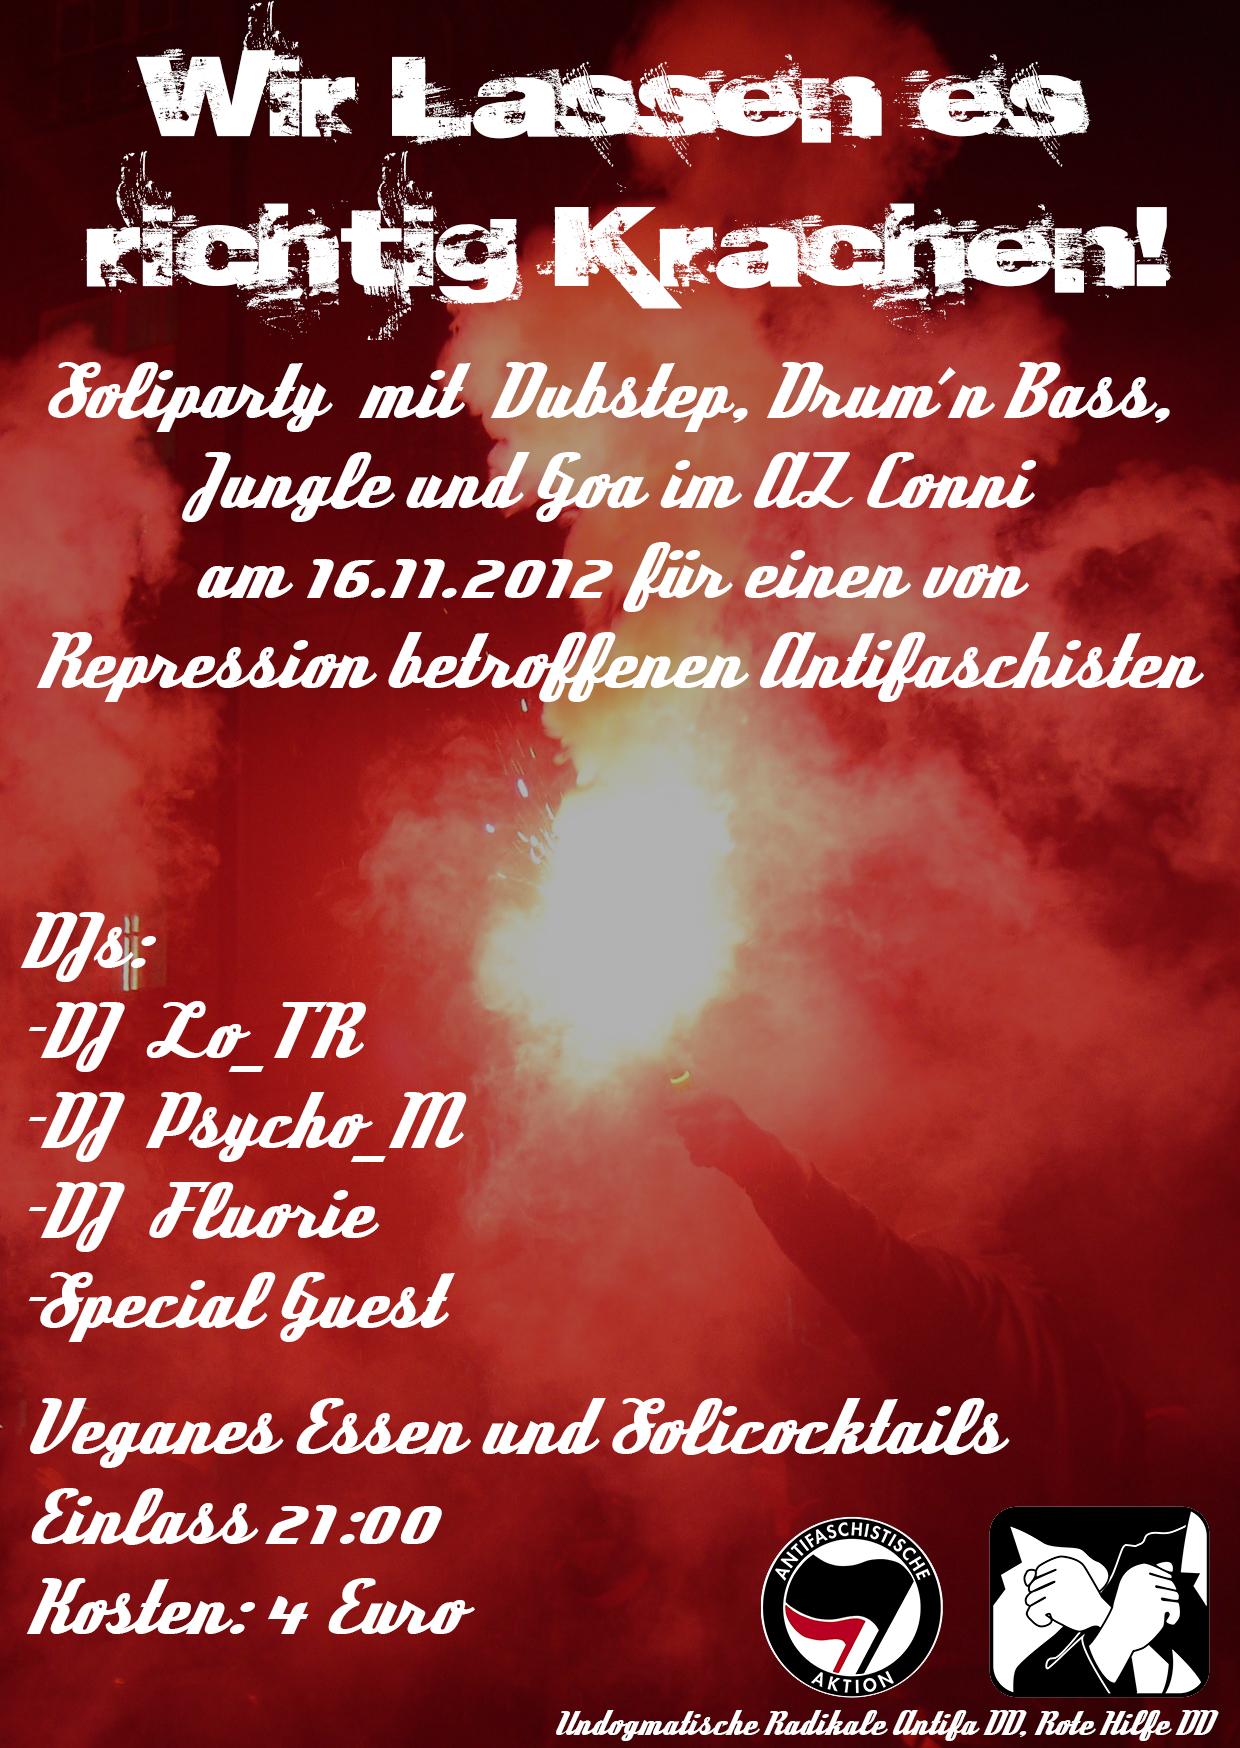 Flyer für die Soliparty in Dresden - Wir lassen es richtig krachen!